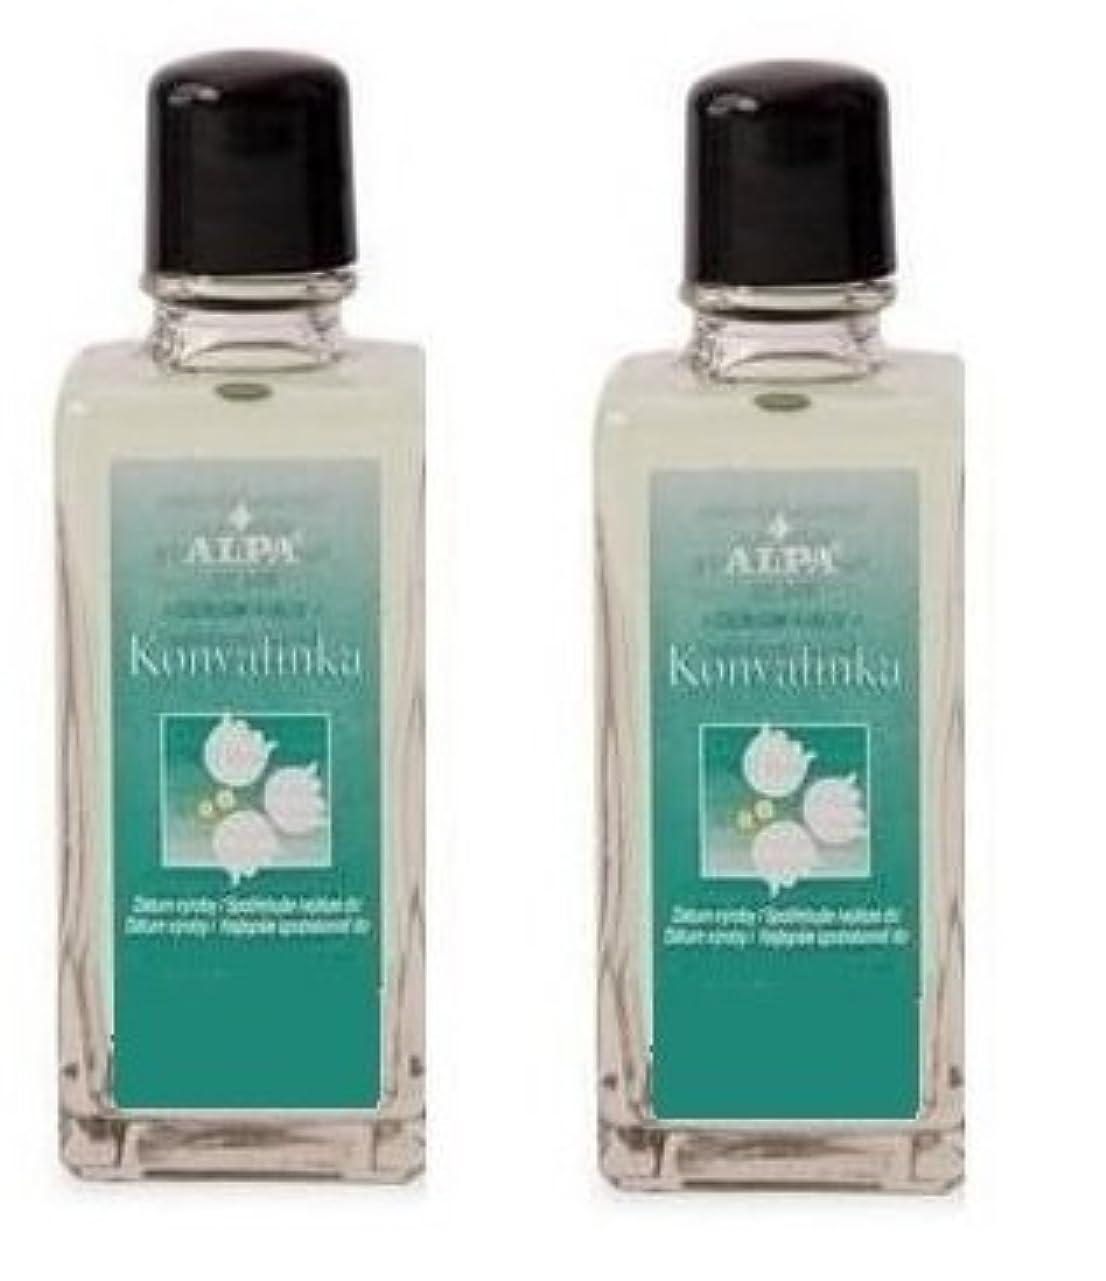 普及眠り毒性スズラン 女性のための香水 2個 (2 x 50ml) [海外直送品] [並行輸入品]